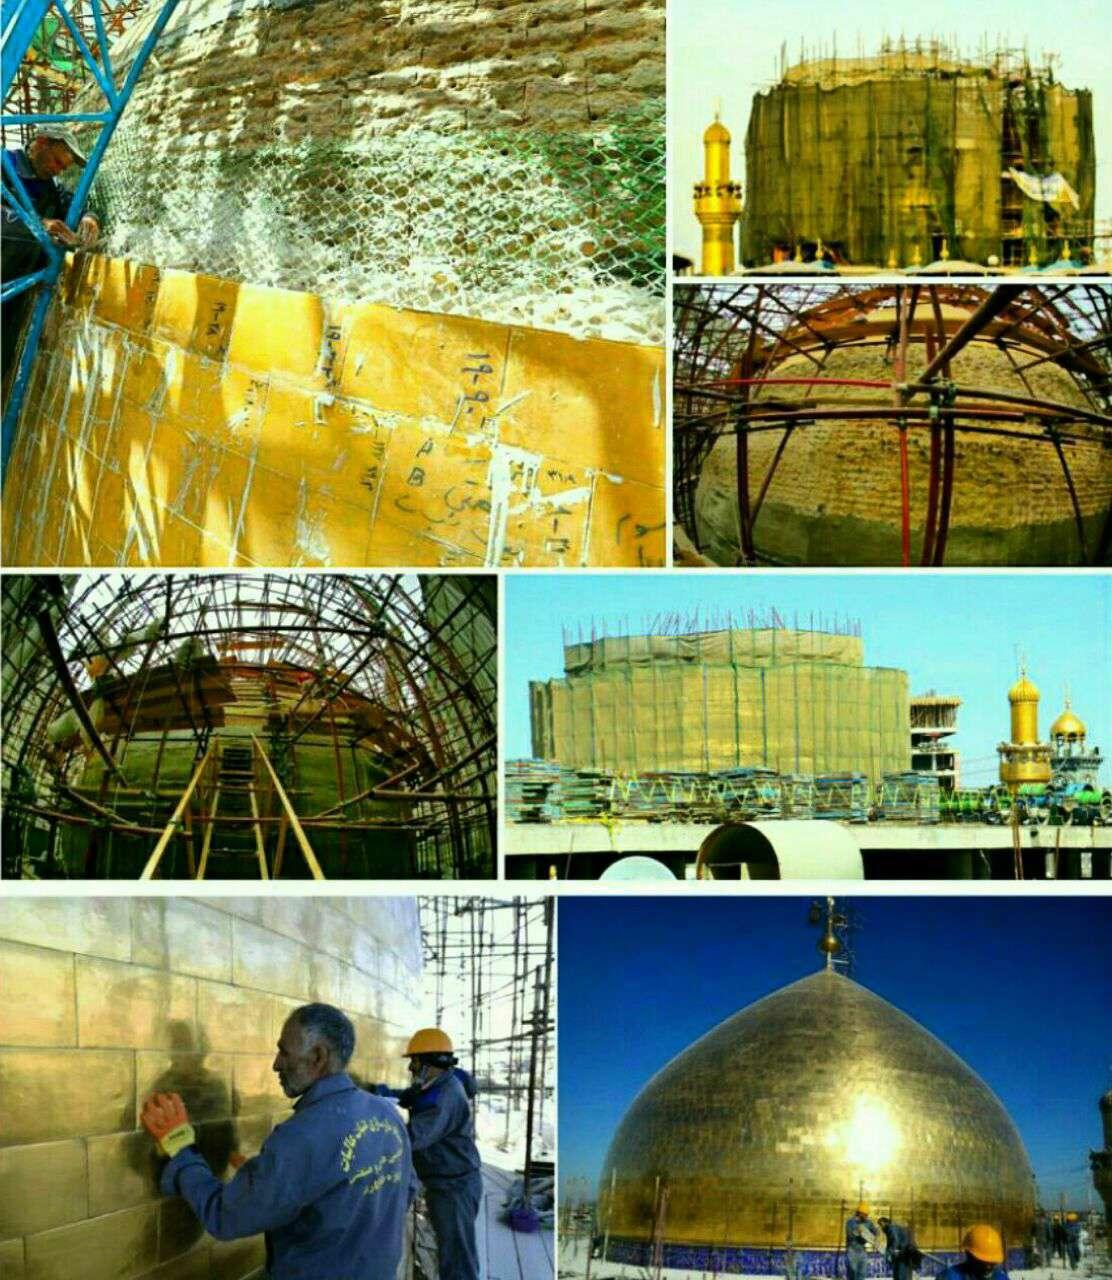 رونمایی از گنبد حرم امیرمومنان علیه السلام  این گنبد بعد از ۳۰۰ سال به دست استادکاران ایرانی و عراقی بازسازی شد